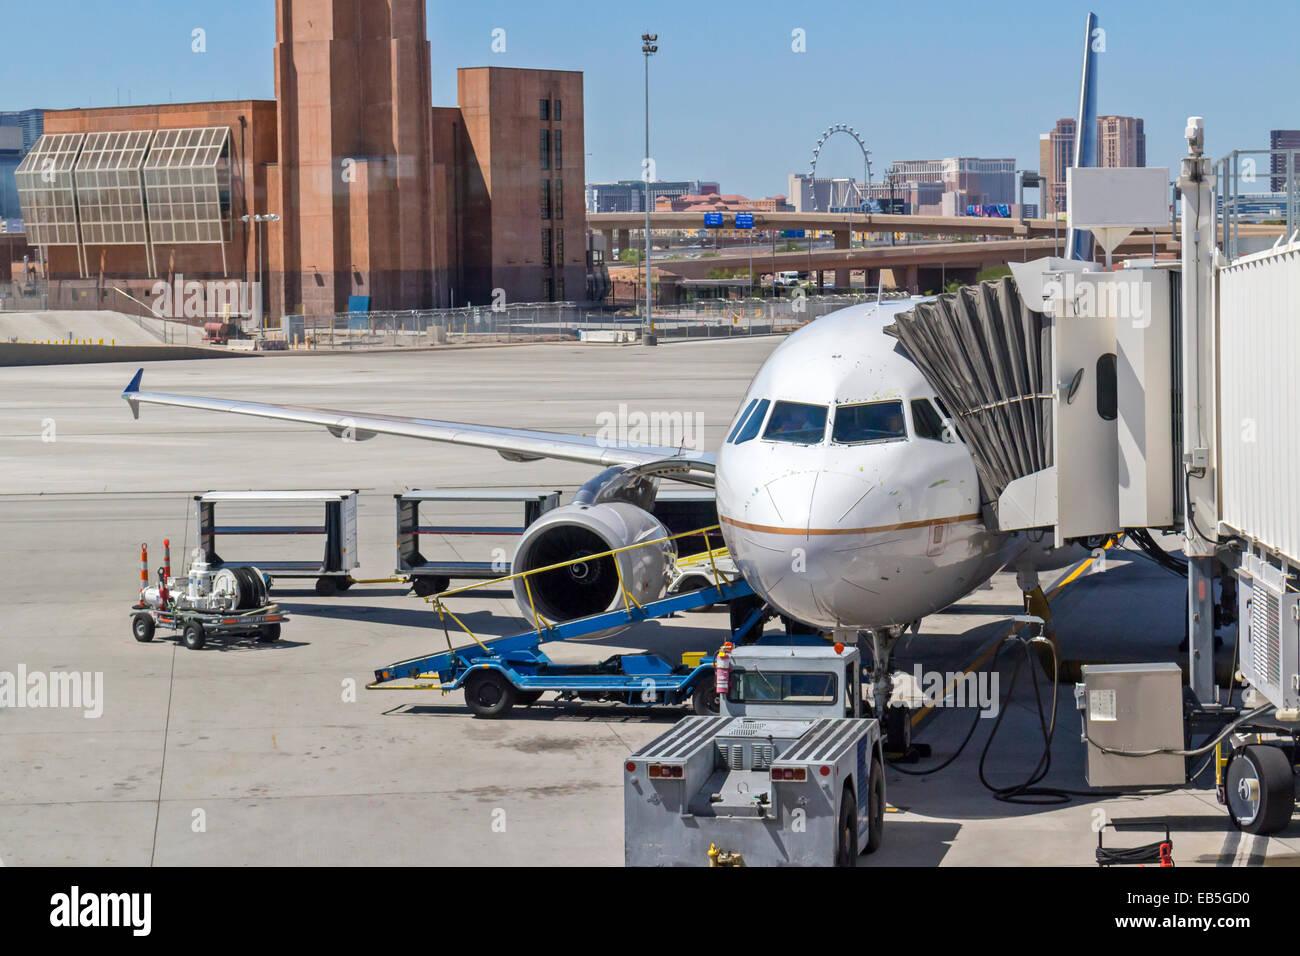 Un aereo commerciale la preparazione per il volo a Las Vegas, Nevada Aeroporto McCarran. Immagini Stock